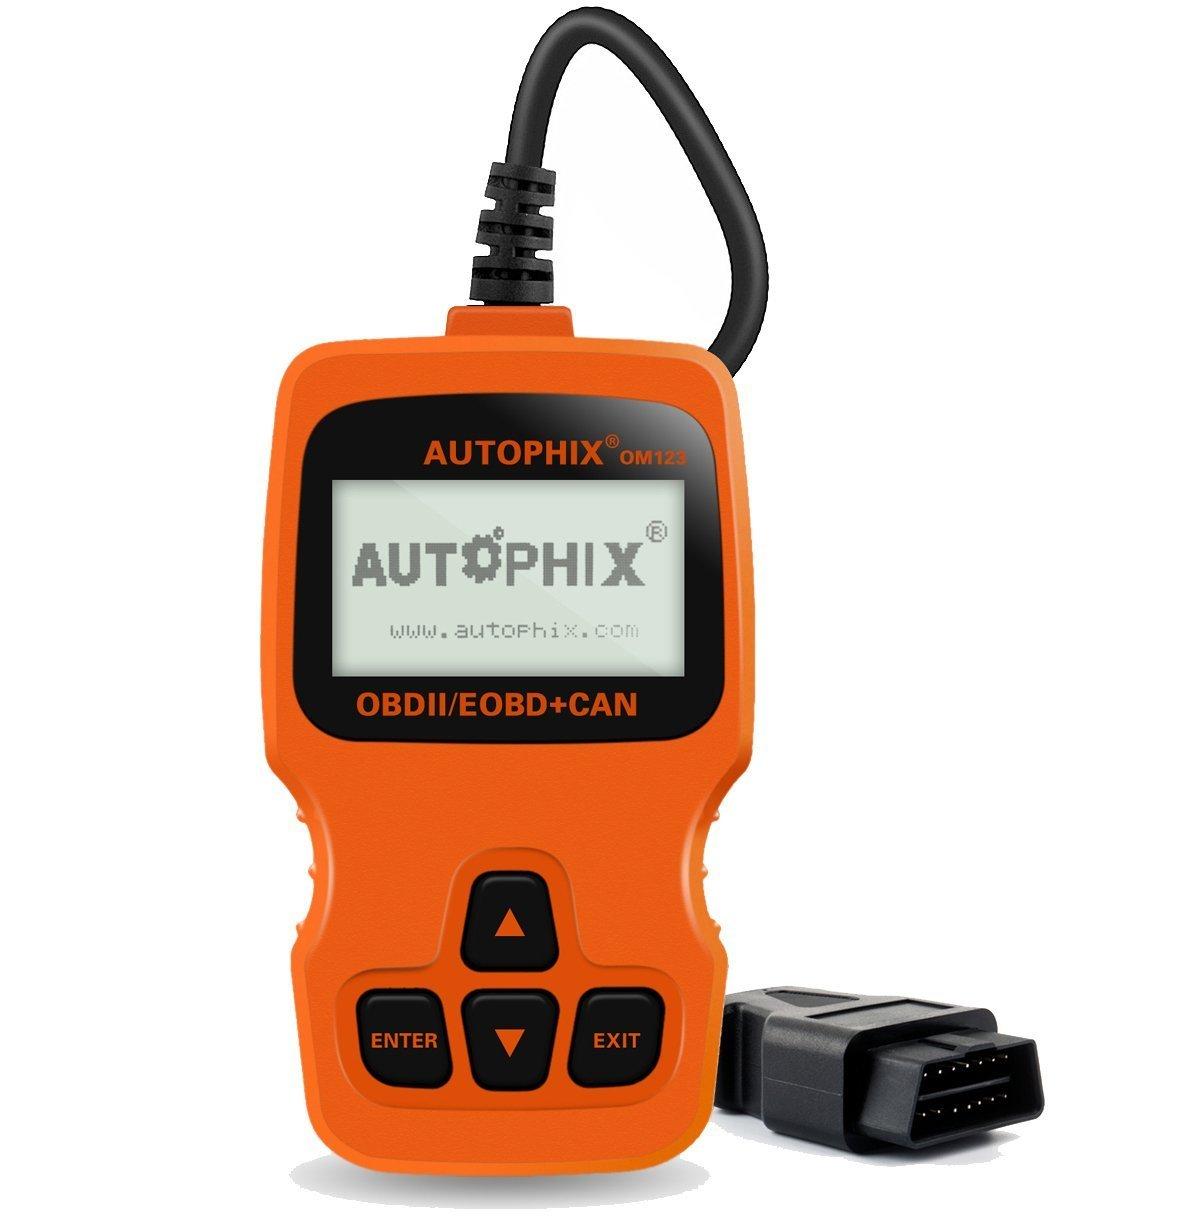 Autophix OBD2 Diagnosegerät, Auto code reader zum Lesen und Löschen ...